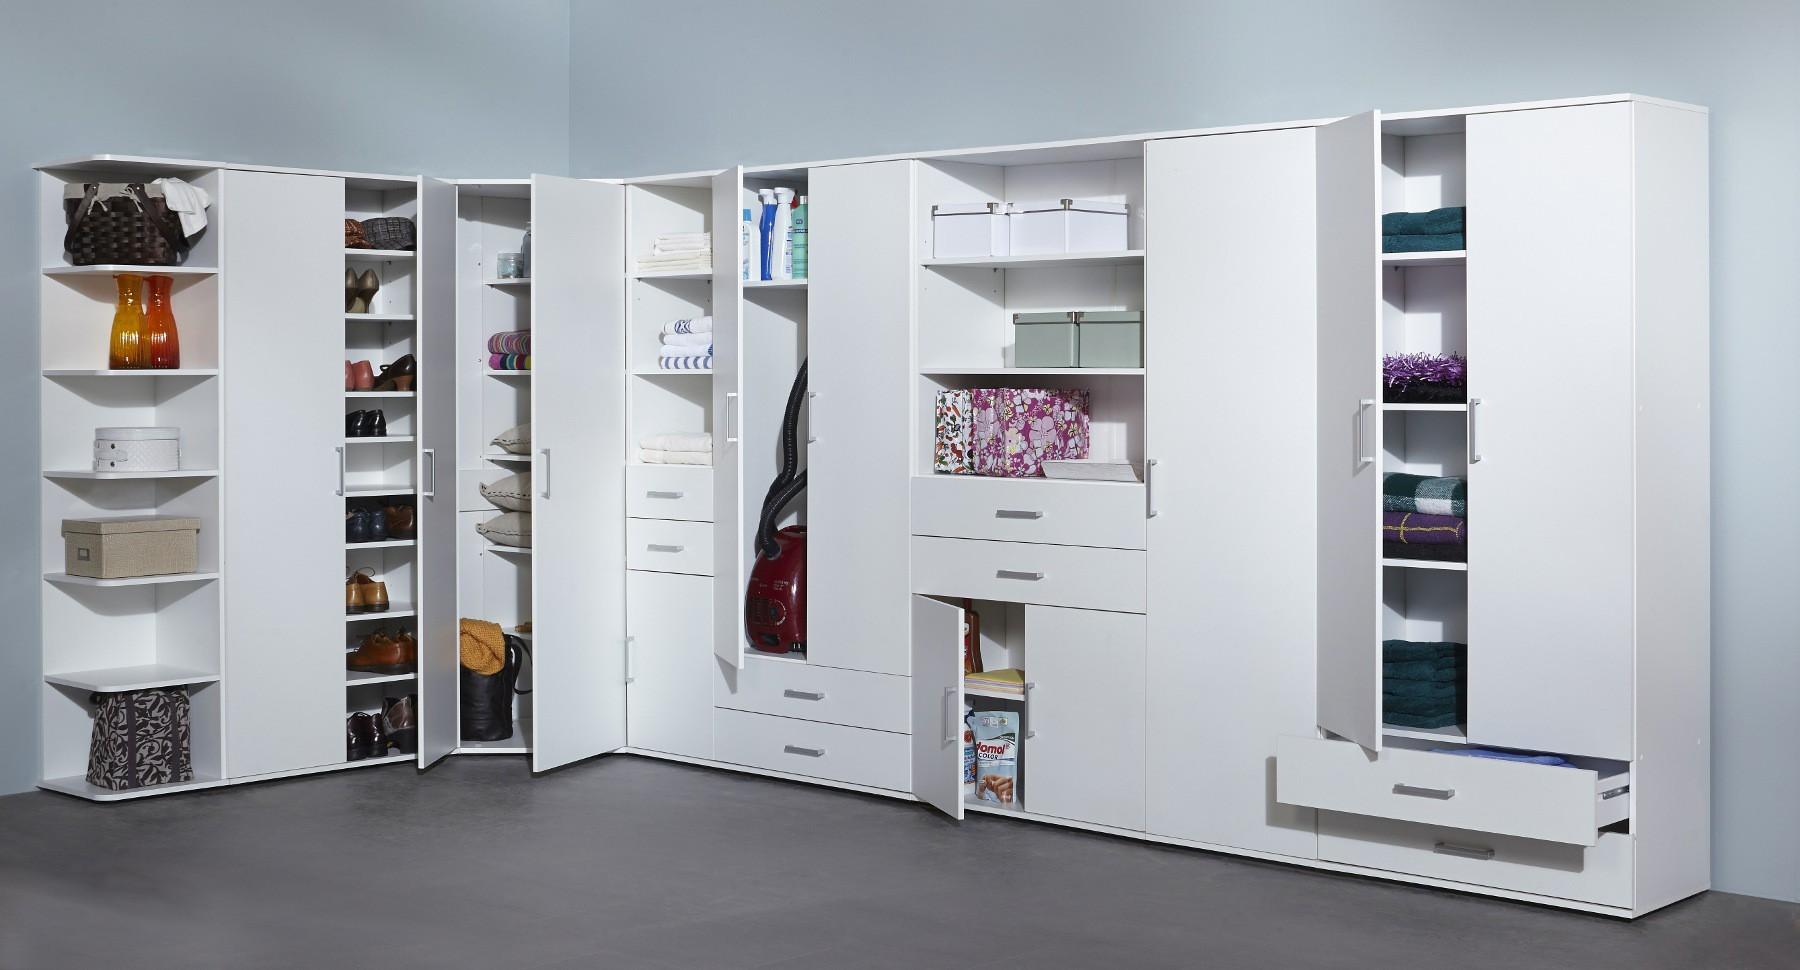 universalschrank ronny mehrzweckschrank system 1 t rig 40 cm breit wei wohnen. Black Bedroom Furniture Sets. Home Design Ideas